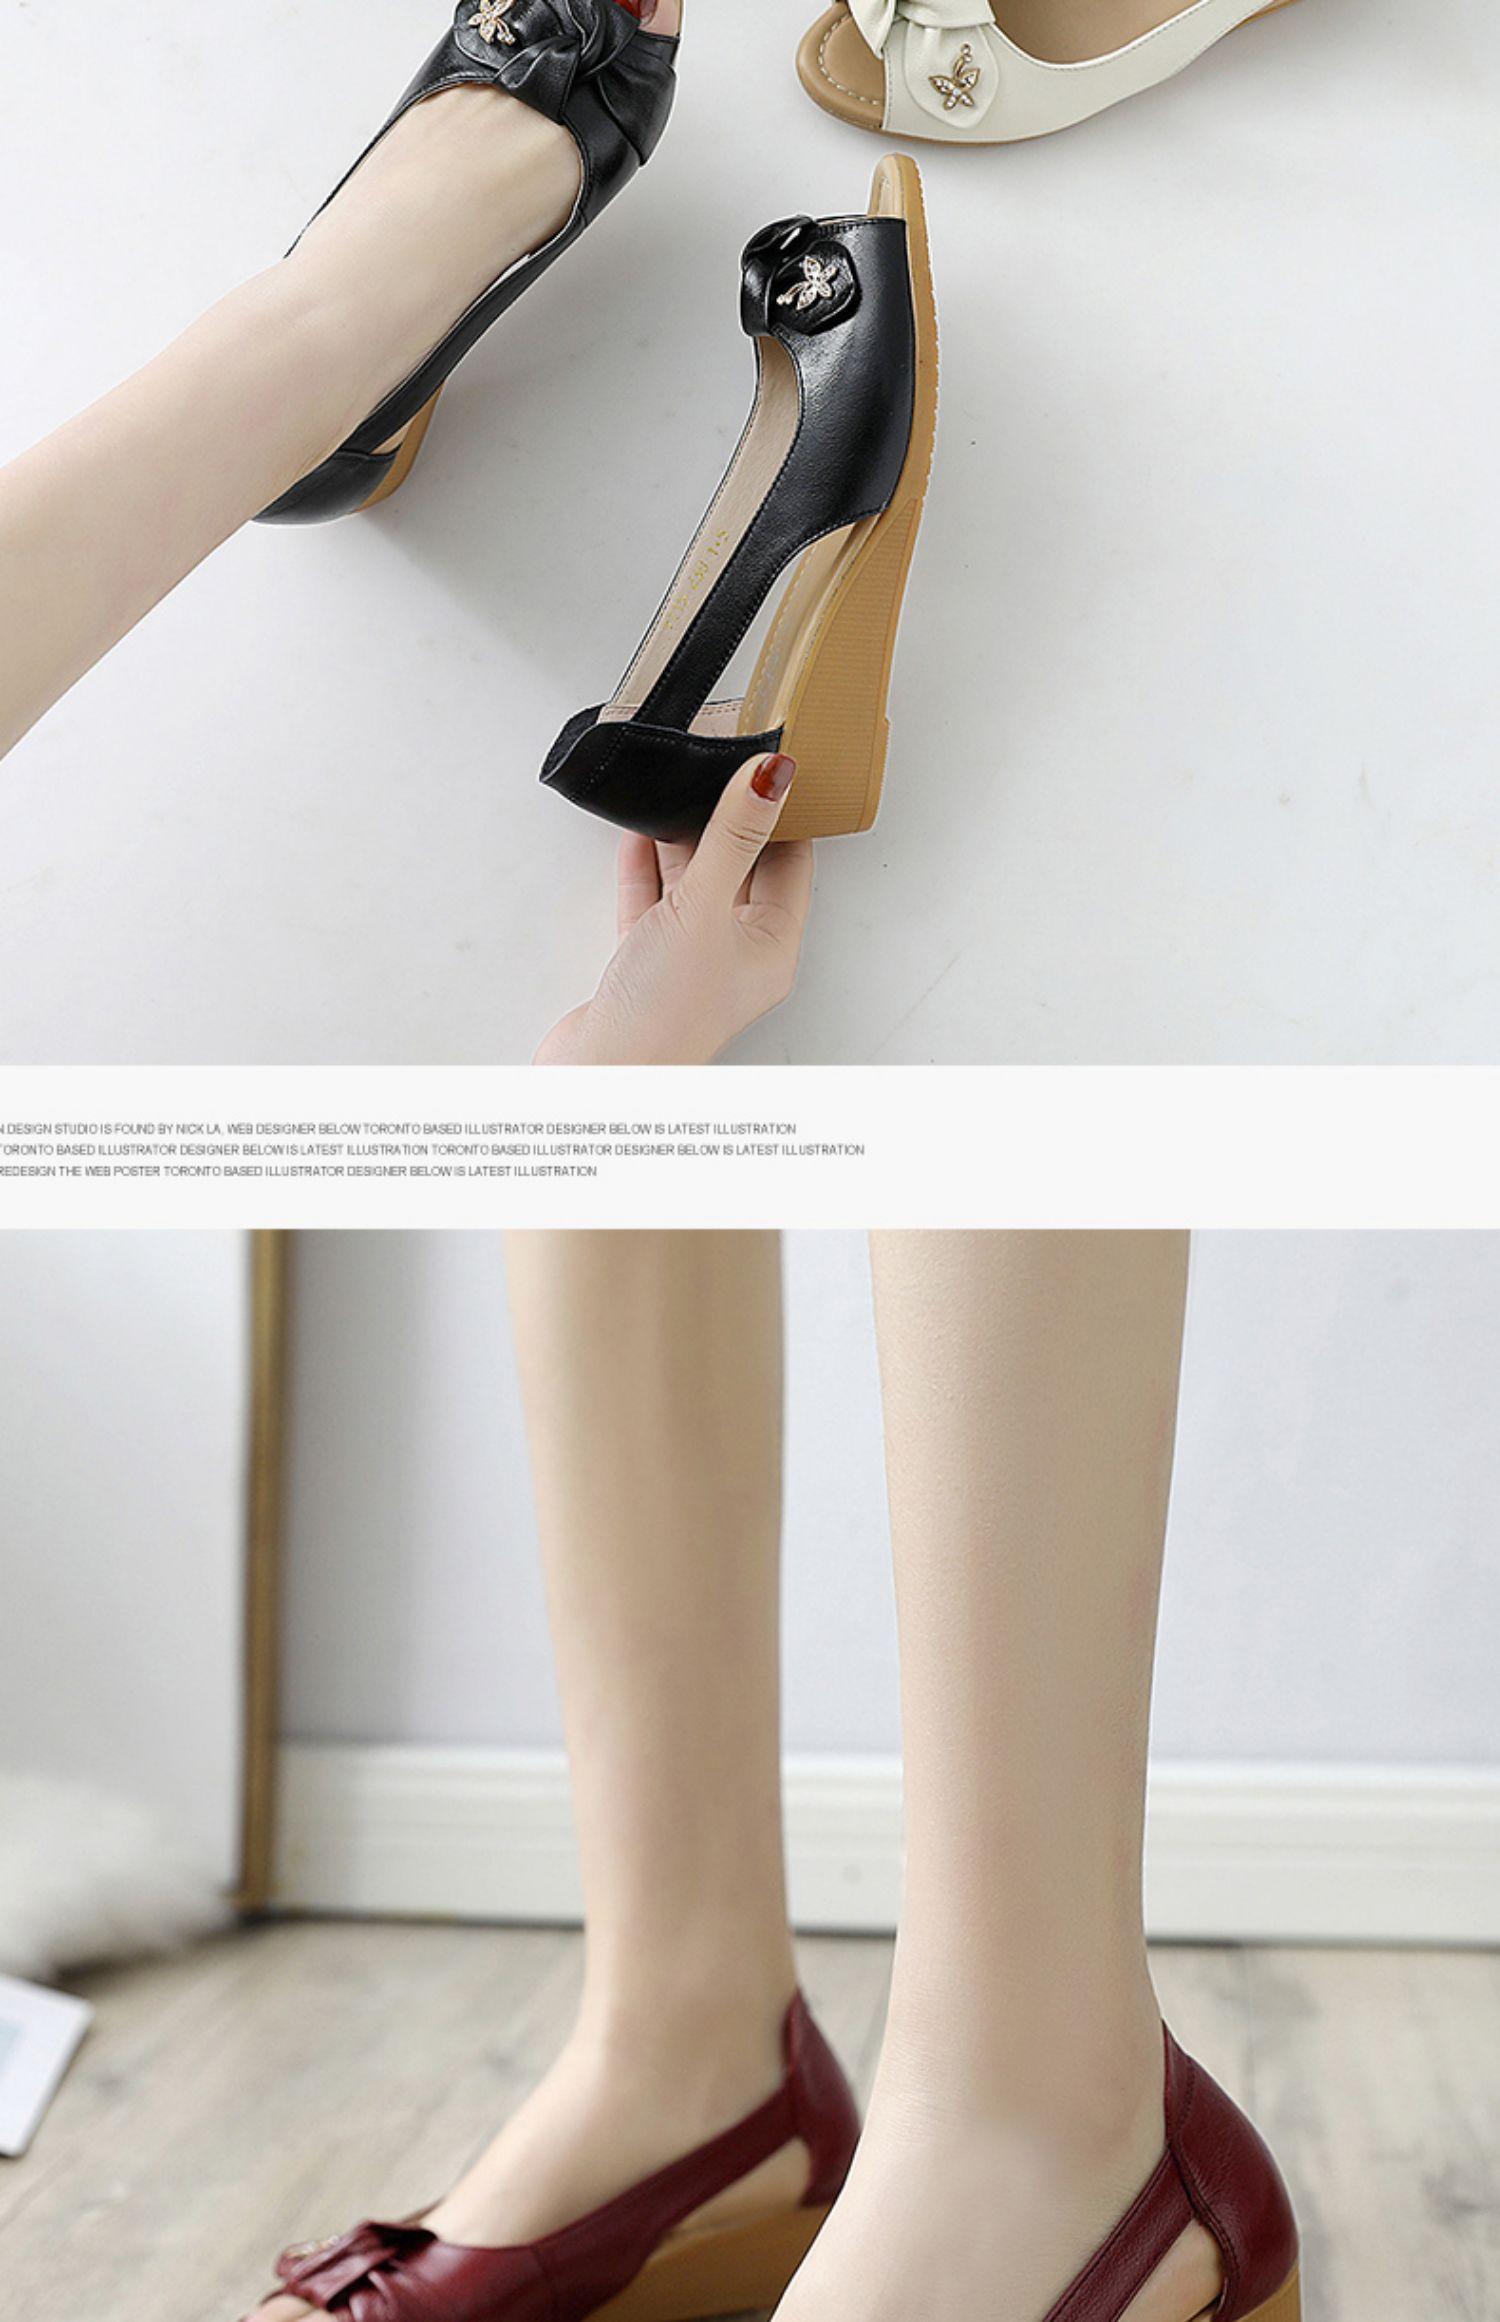 秋季2019新款妈妈鞋真皮软底舒适平底中年皮鞋防滑中老年人女奶奶商品详情图